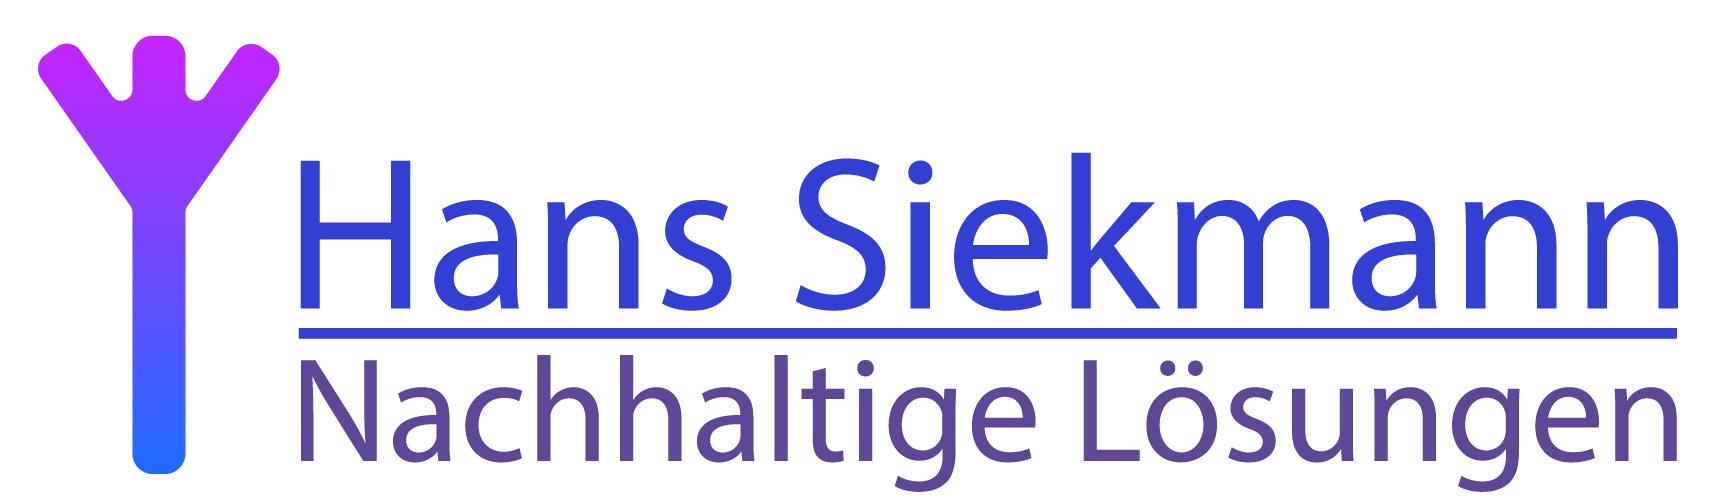 Hans Siekmann